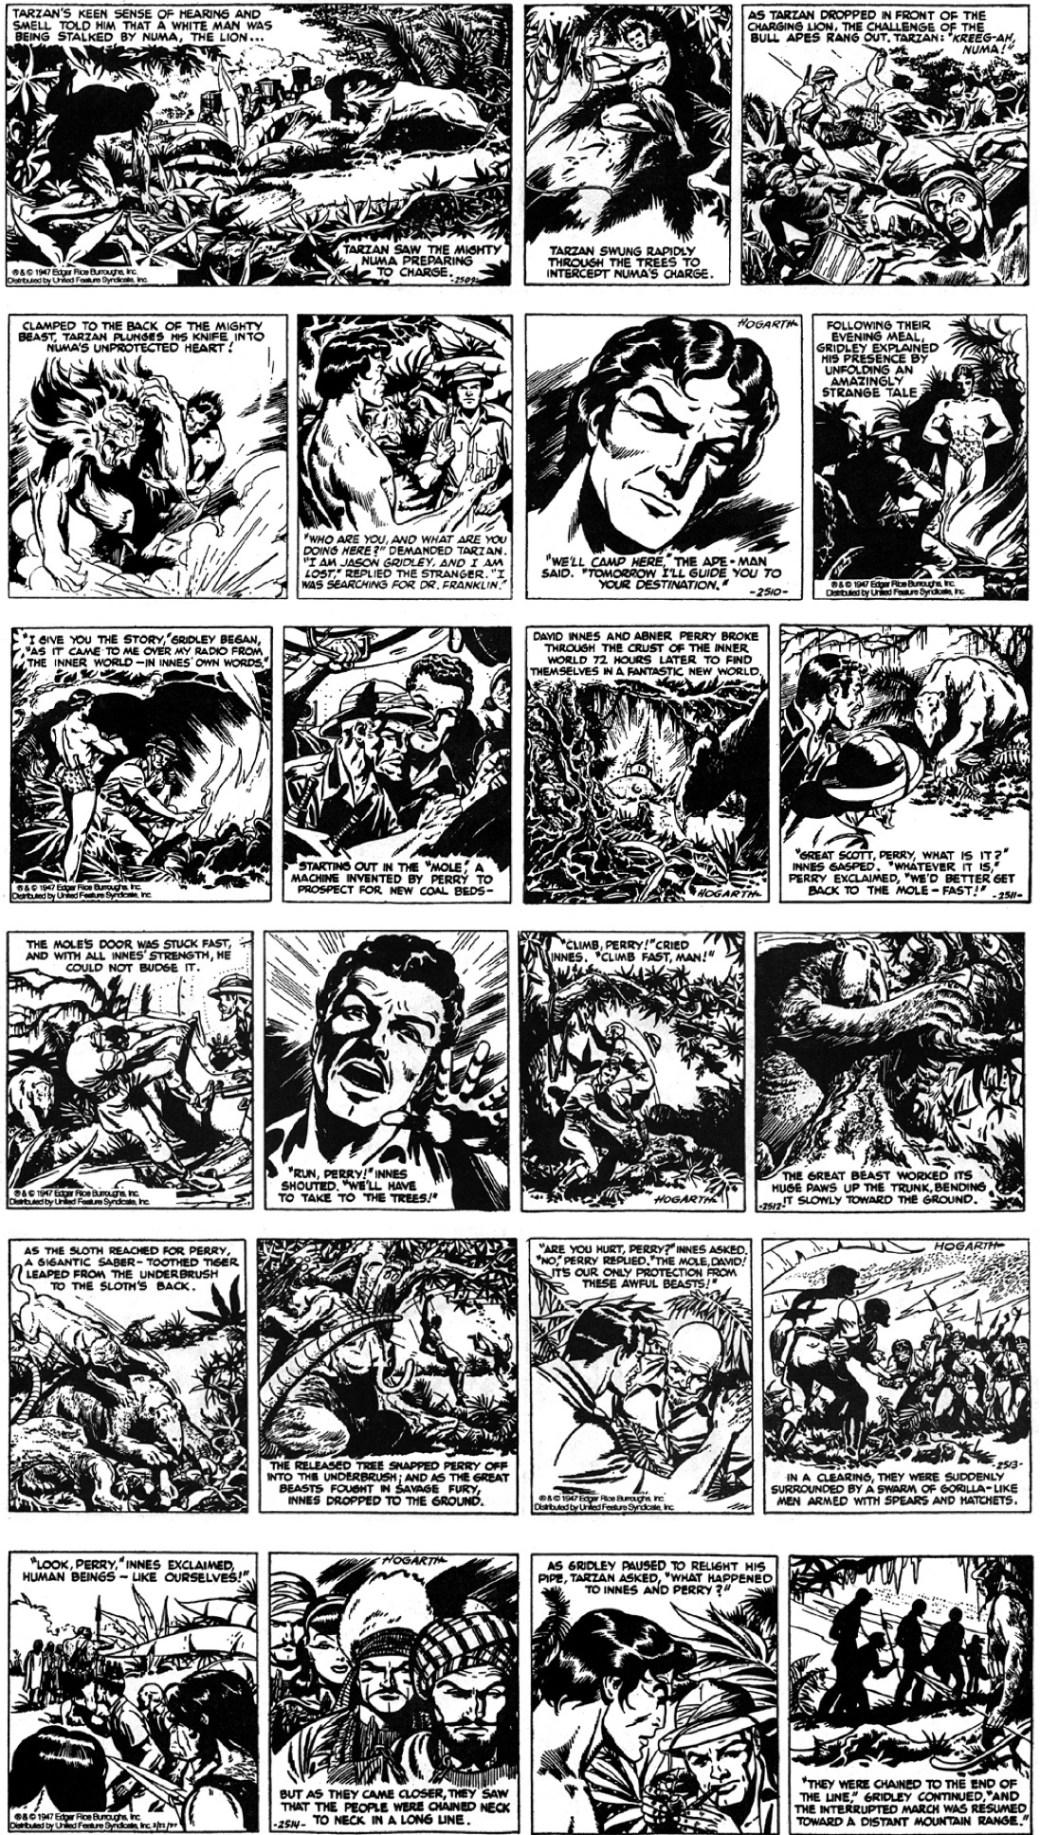 Första veckan med Dan Barry som tuschare och Burne Hogarth som tecknare, från 1-6 september 1947.